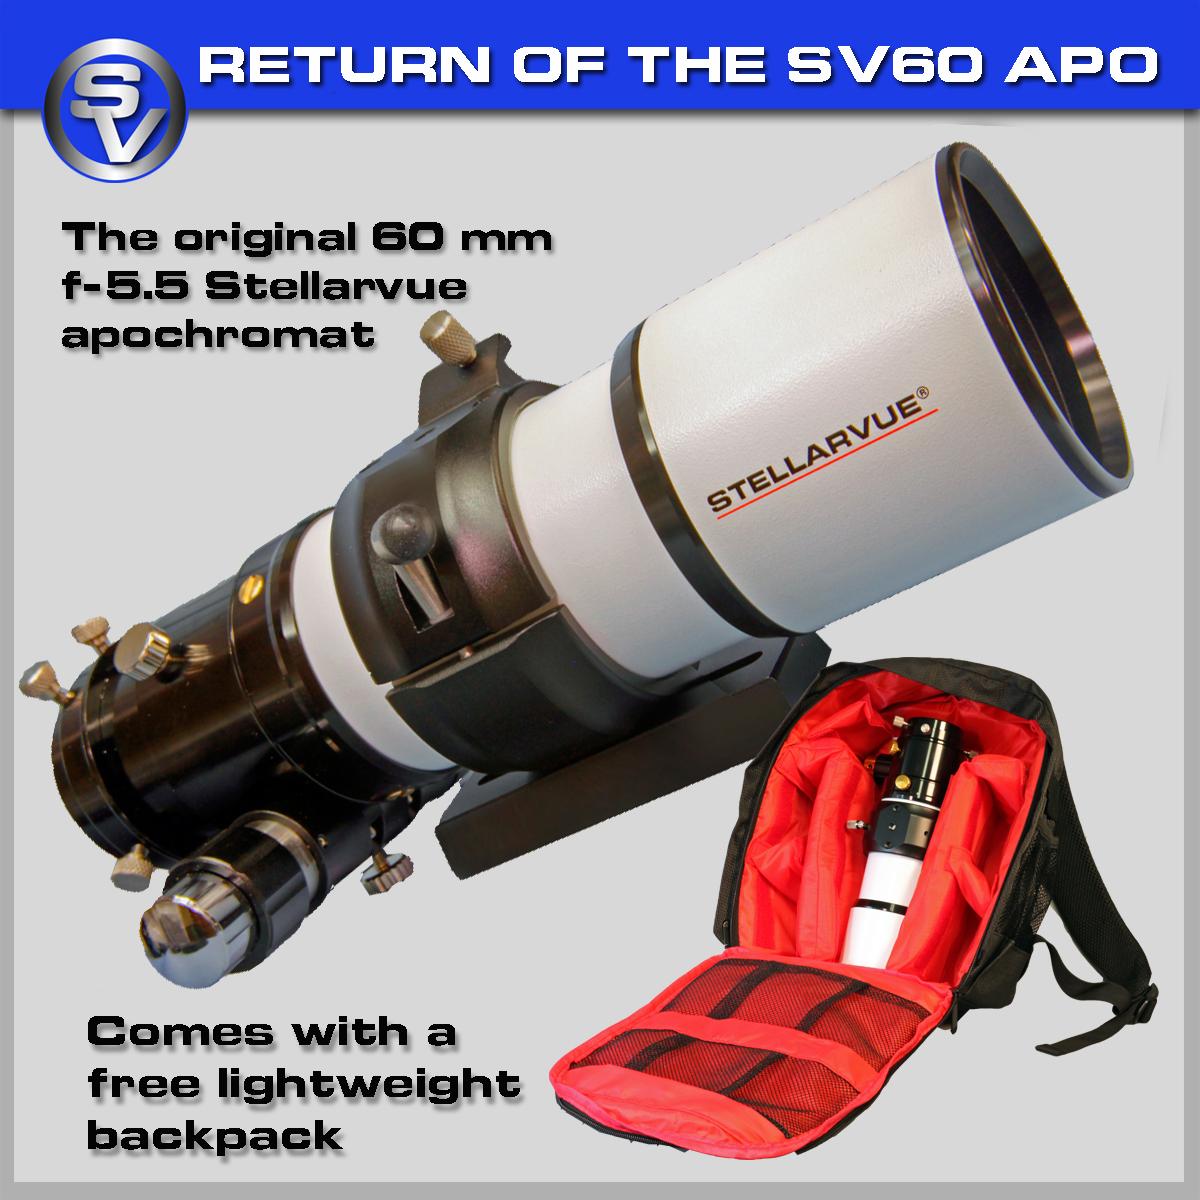 sv60eds-web-4.jpg